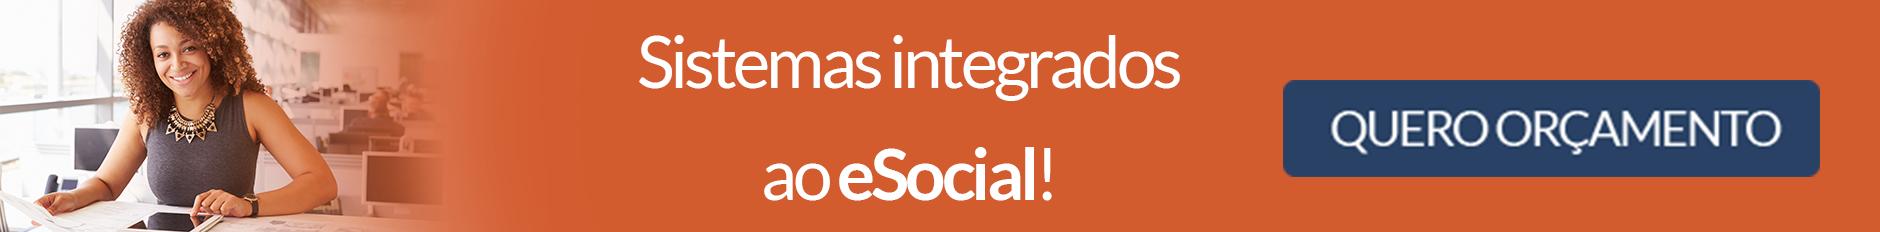 Grupo 2 do eSocial: saiba os 5 passos essenciais para adaptar a sua empresa 1